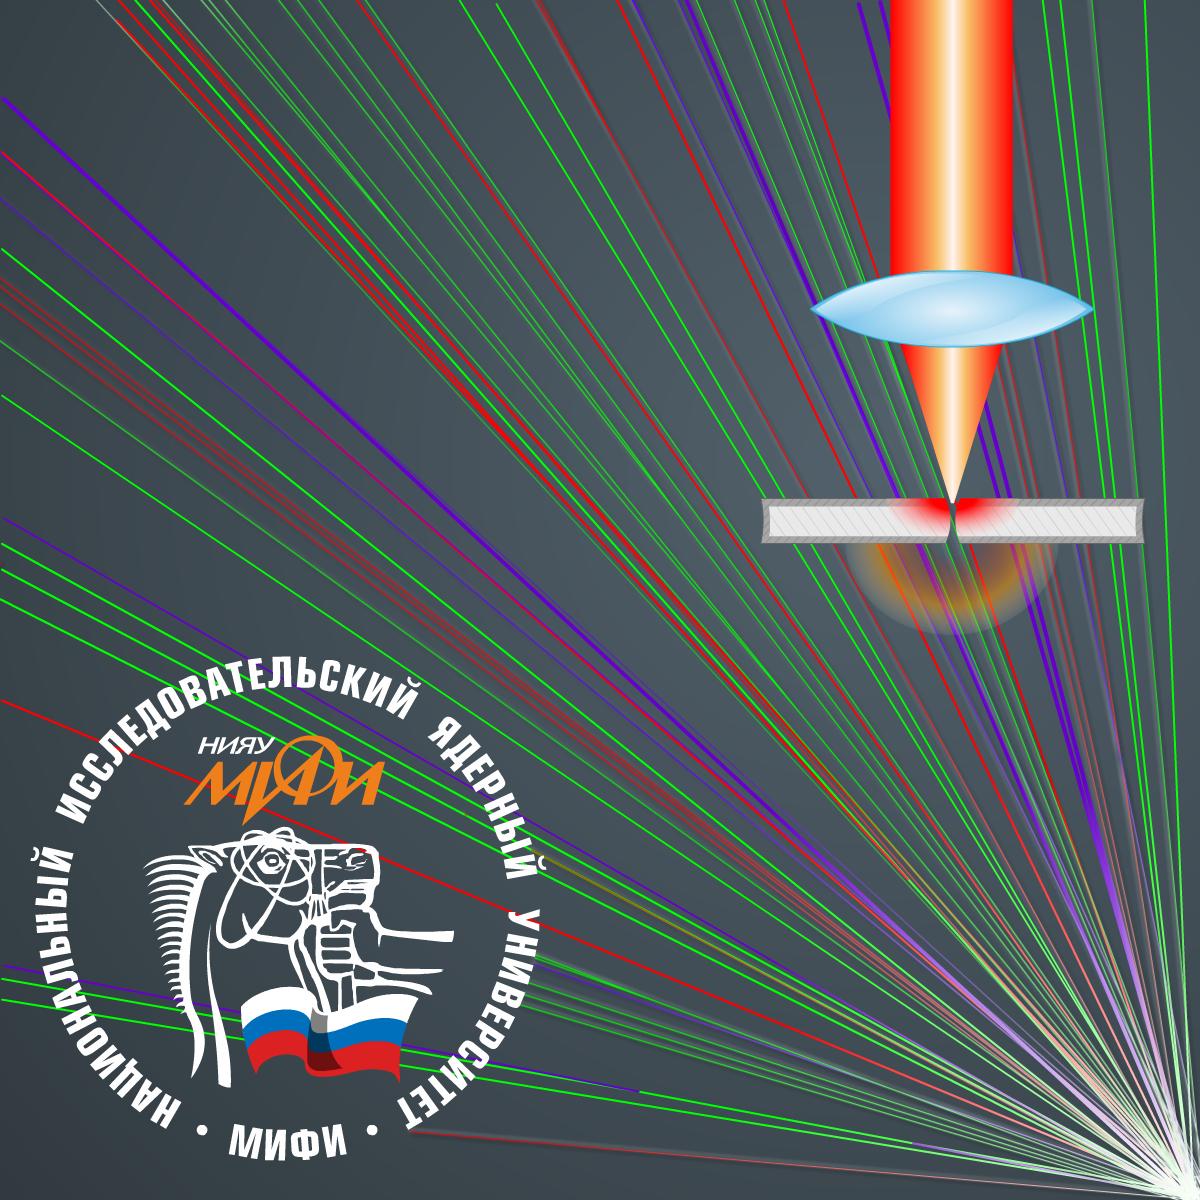 Введение в лазерные технологии course image